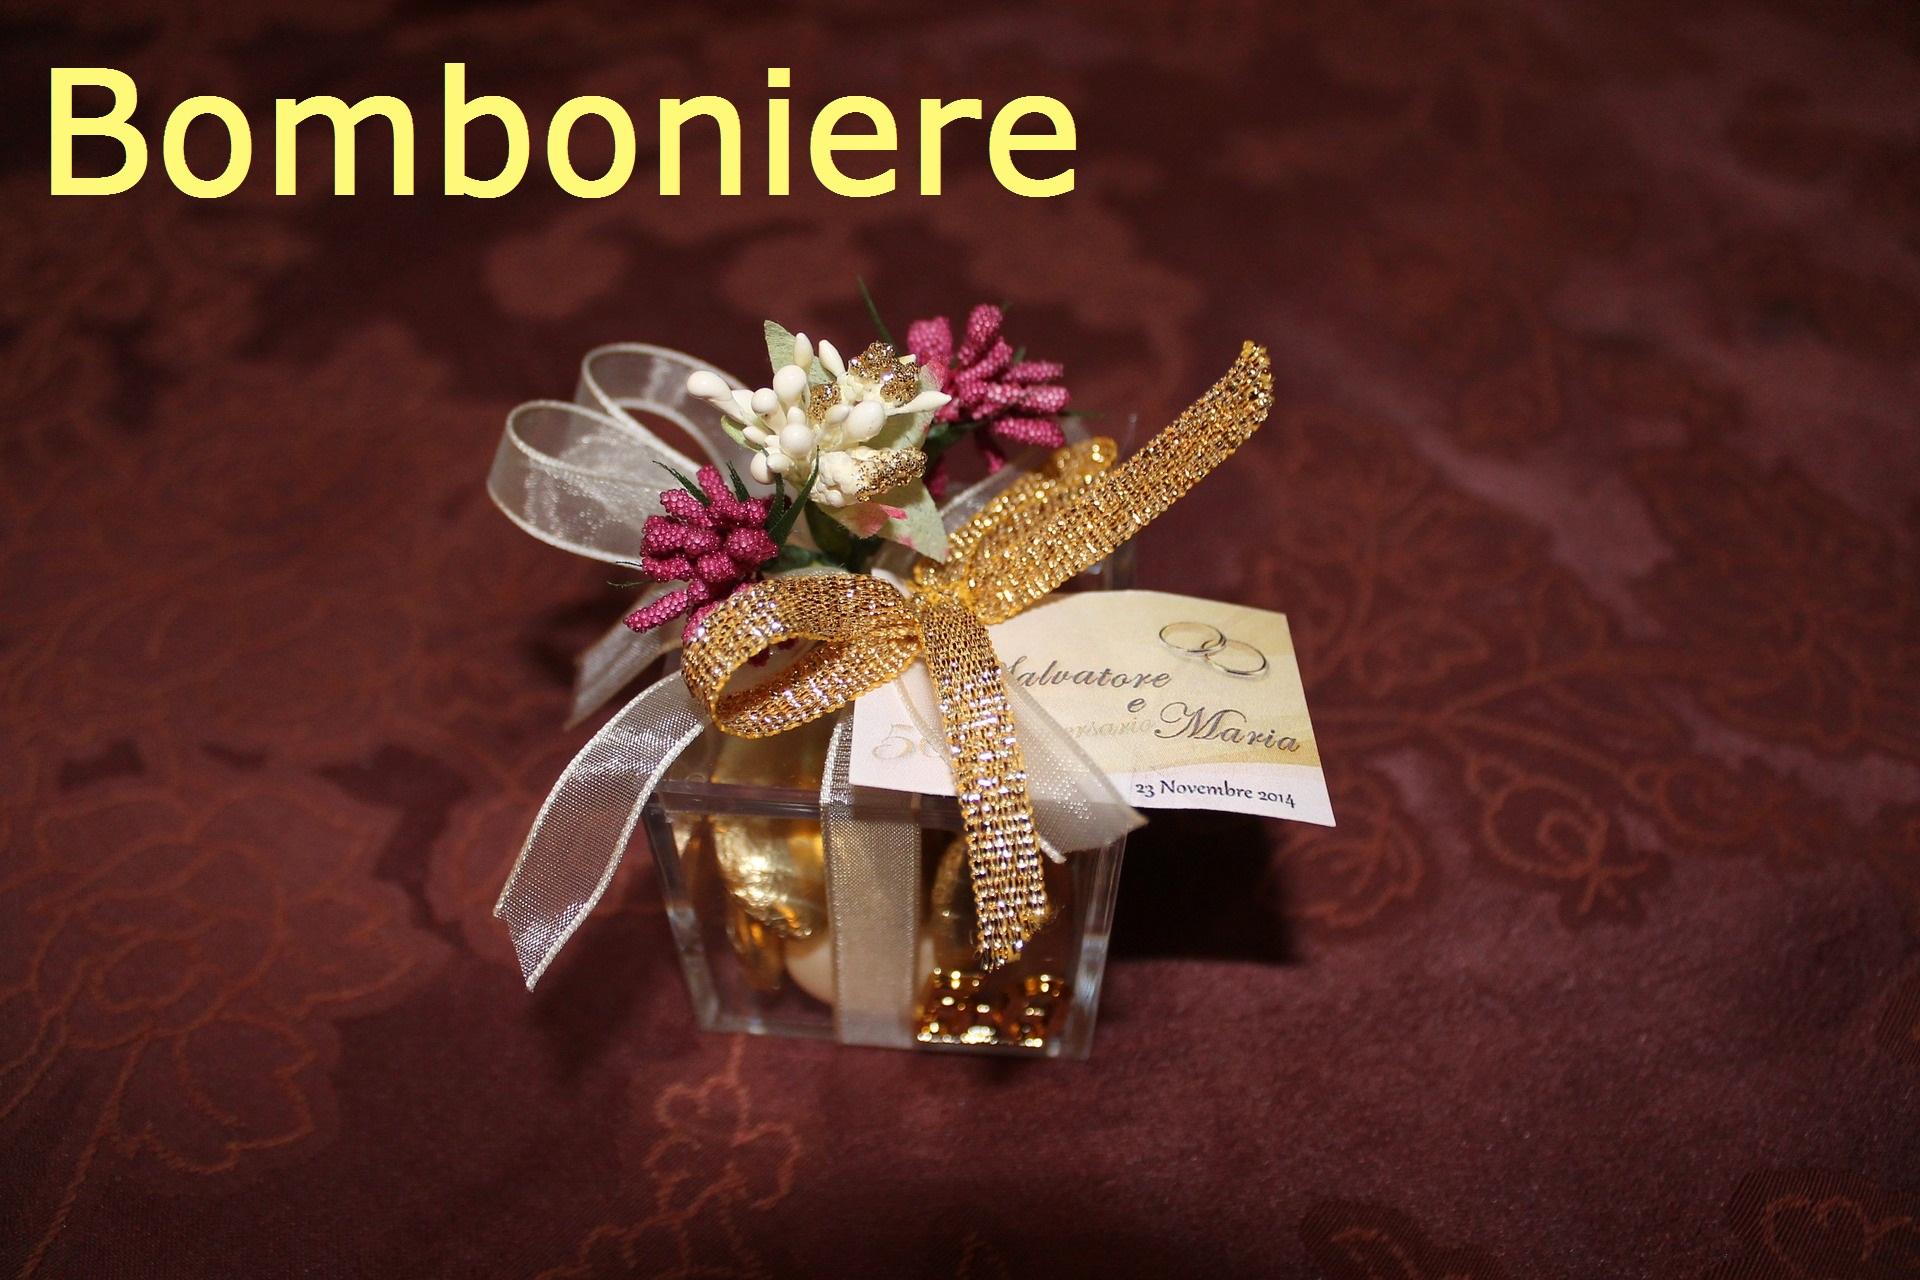 Bomboniere 2